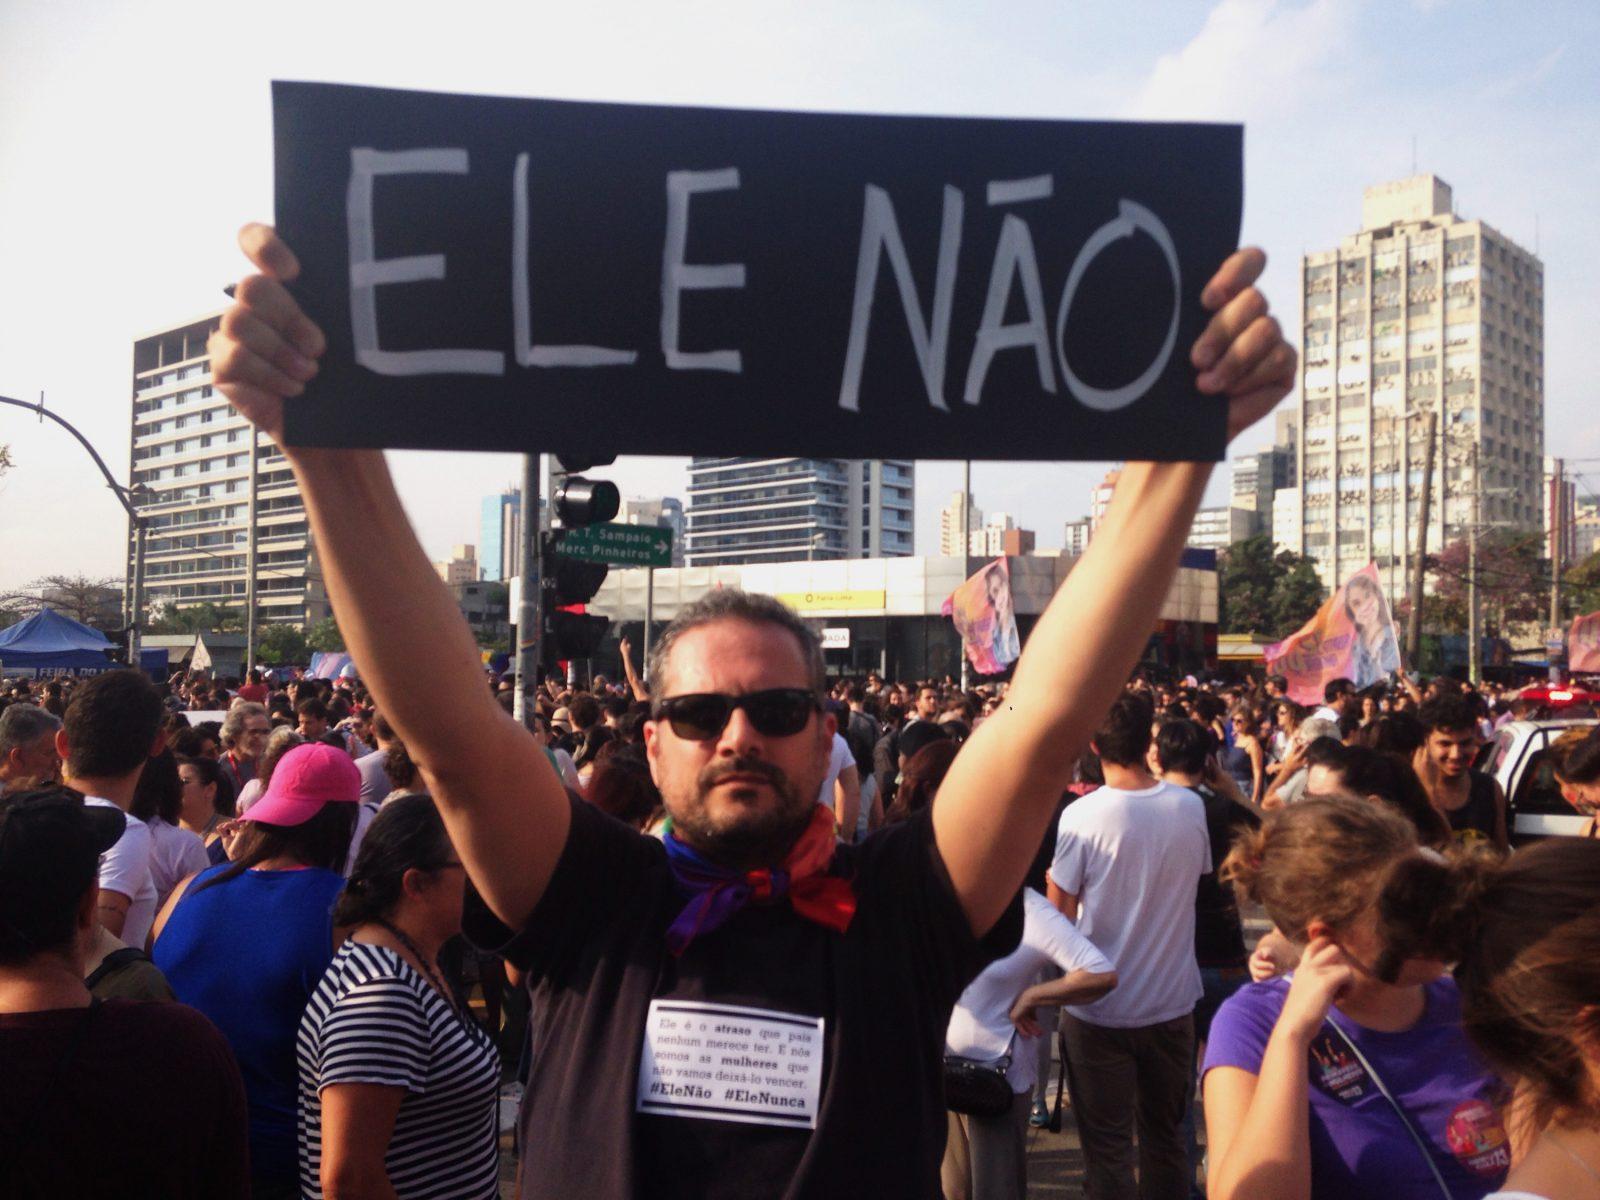 EleNao31